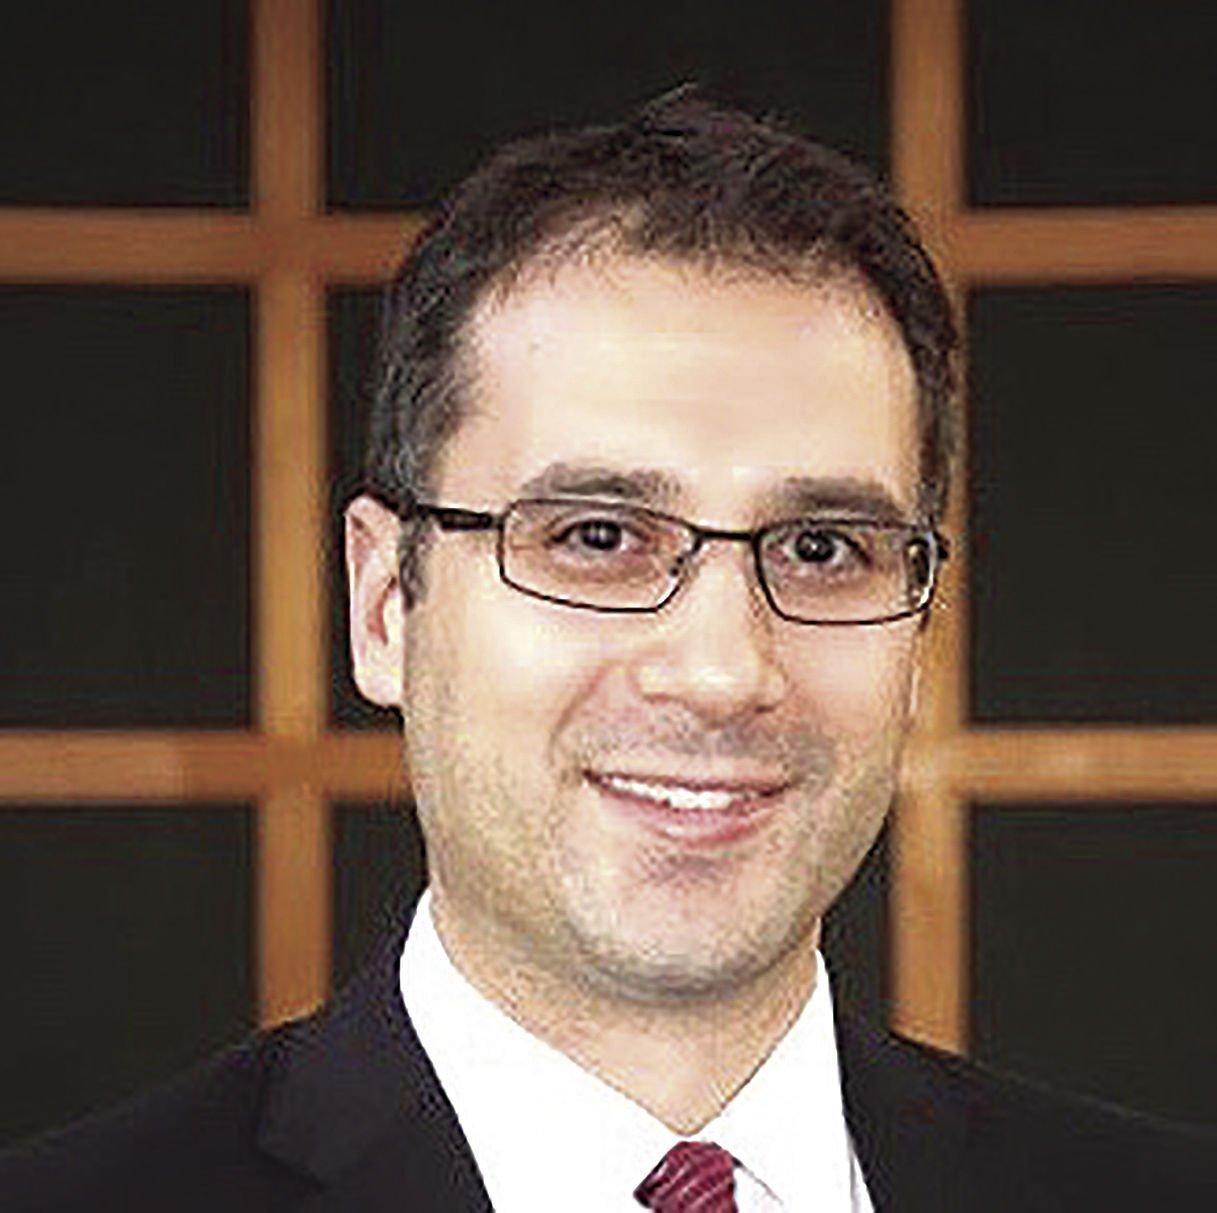 Aaron Oppenheimer